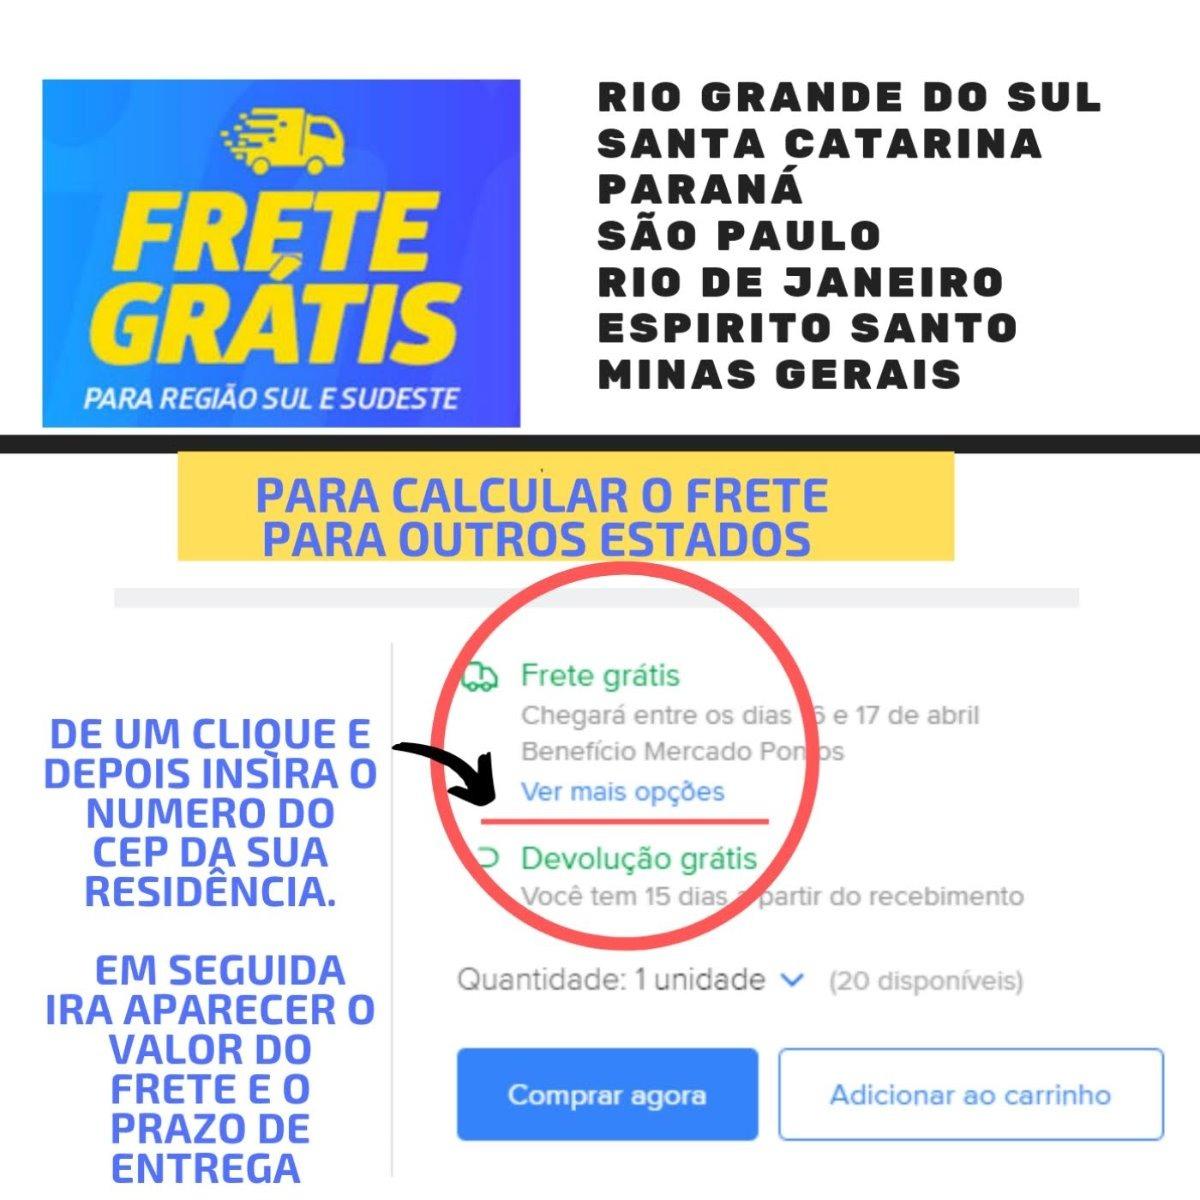 d06a00e3b Maquina Tico Tico Corra Compra Aqui Frete Grátis - R$ 1.600,89 em ...